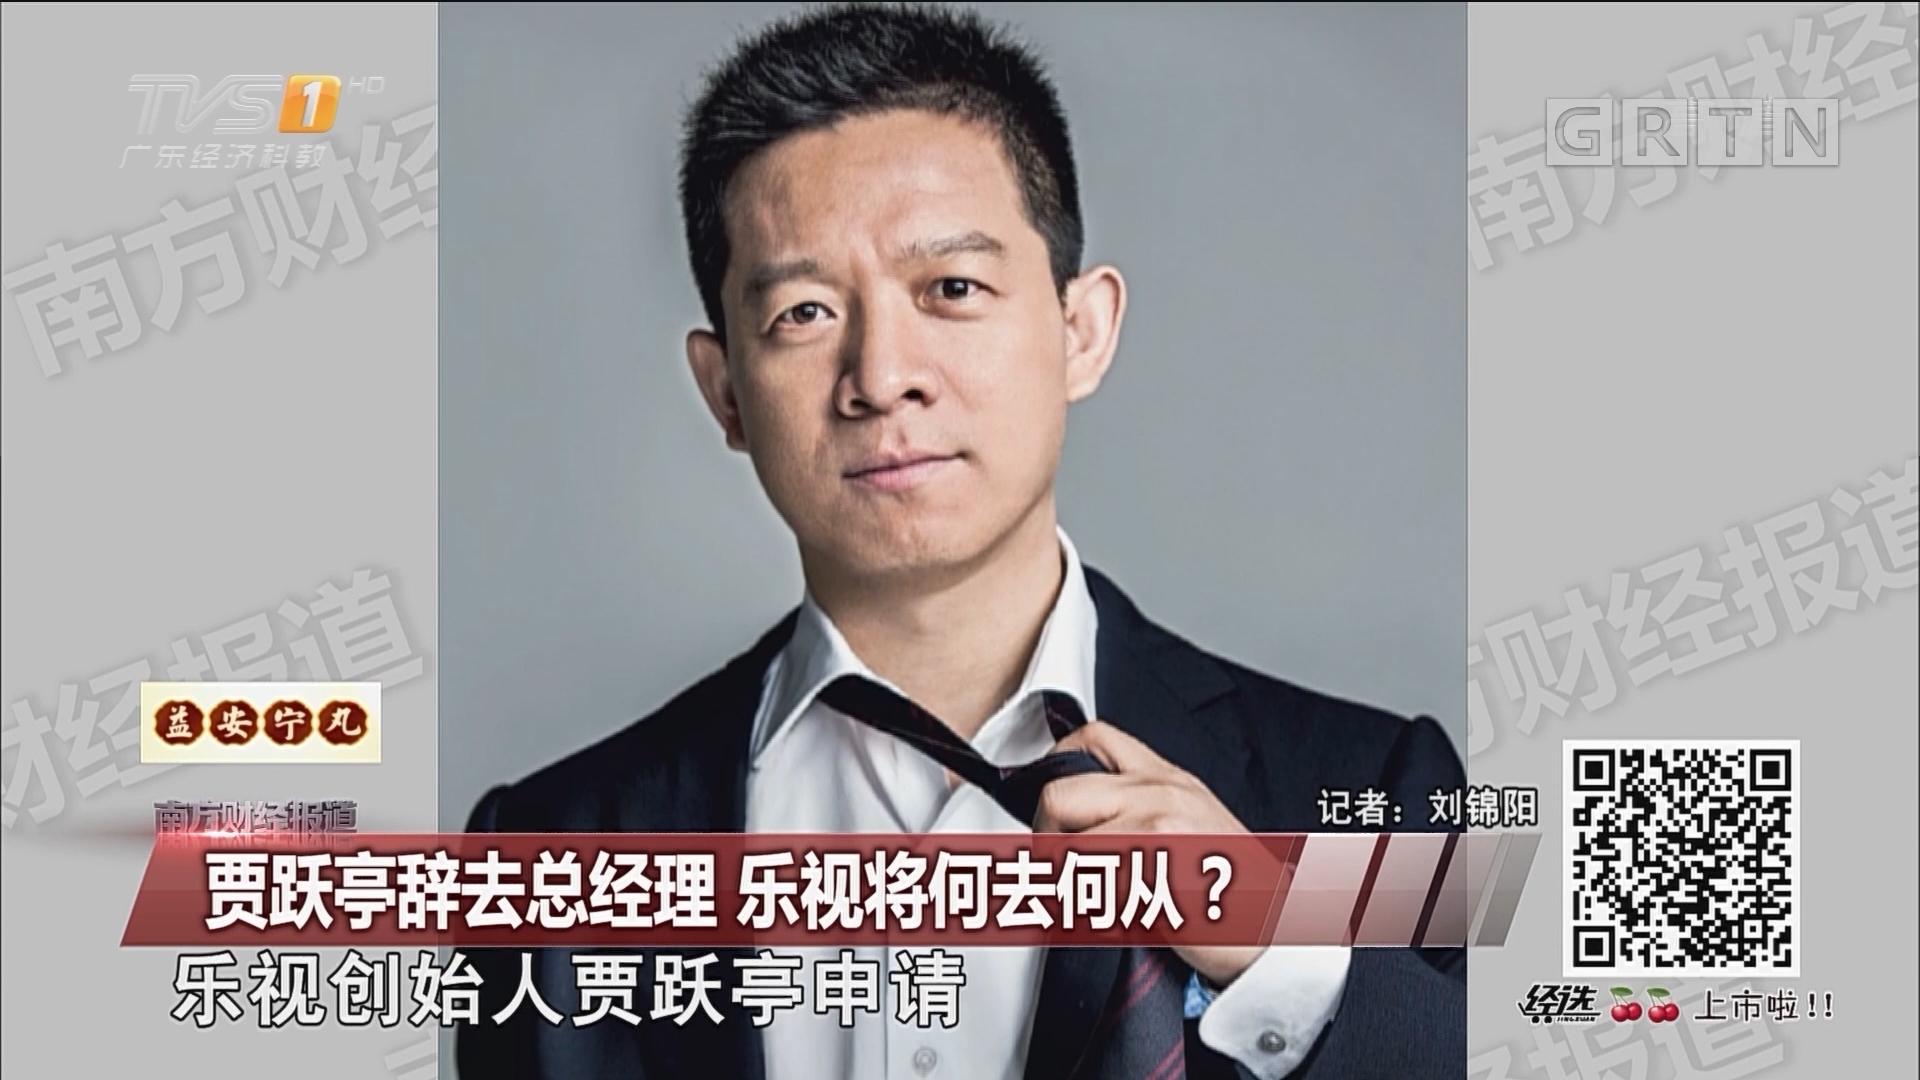 贾跃亭辞去总经理 乐视将何去何从?